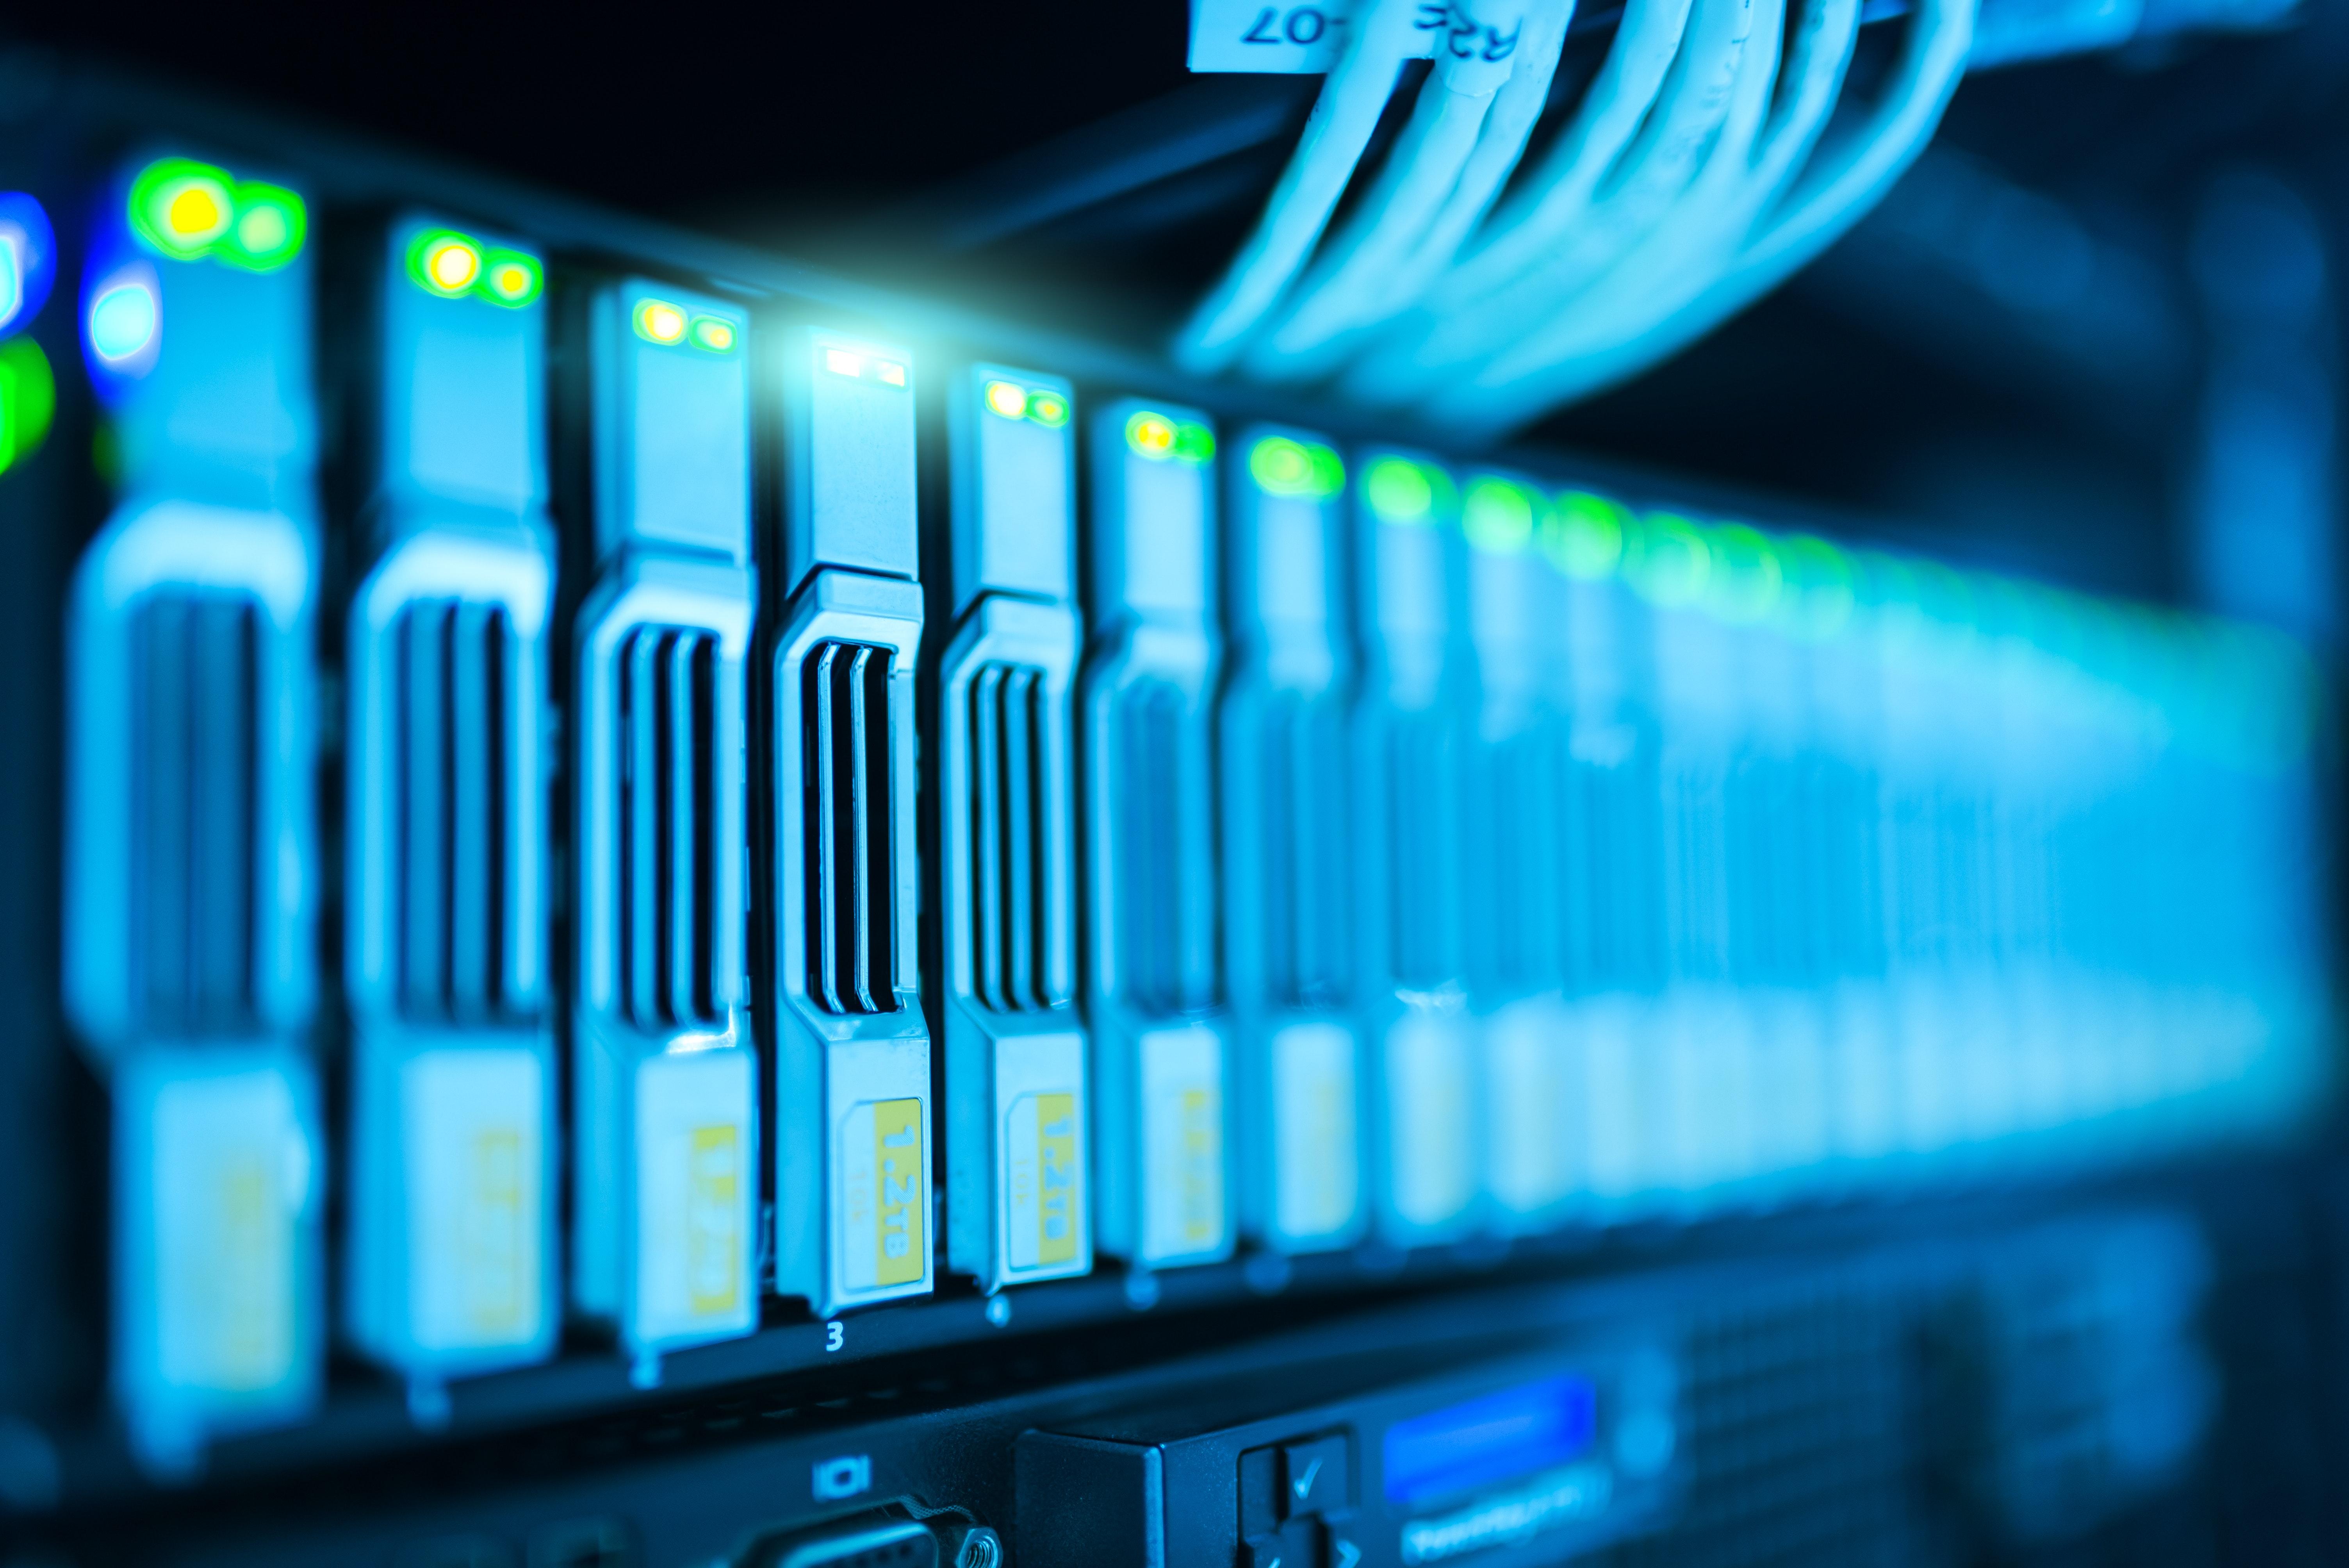 Datacenter-Infrastrukturen als Kernthema